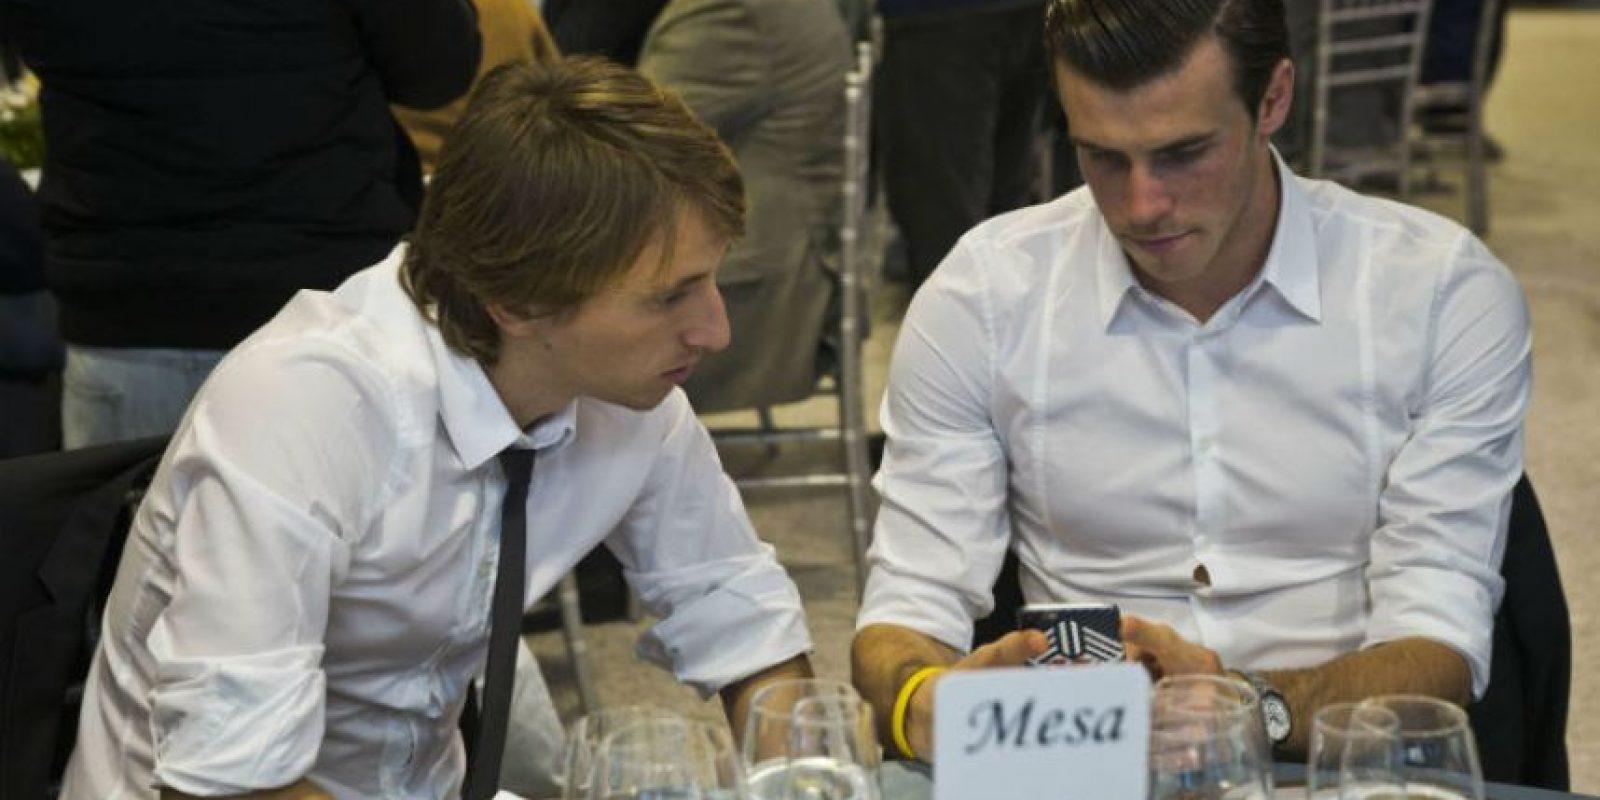 Mientras servían la cena, el croata Luka Modric y el galés Gareth Bale se distrajeron con el celular. Foto:EFE